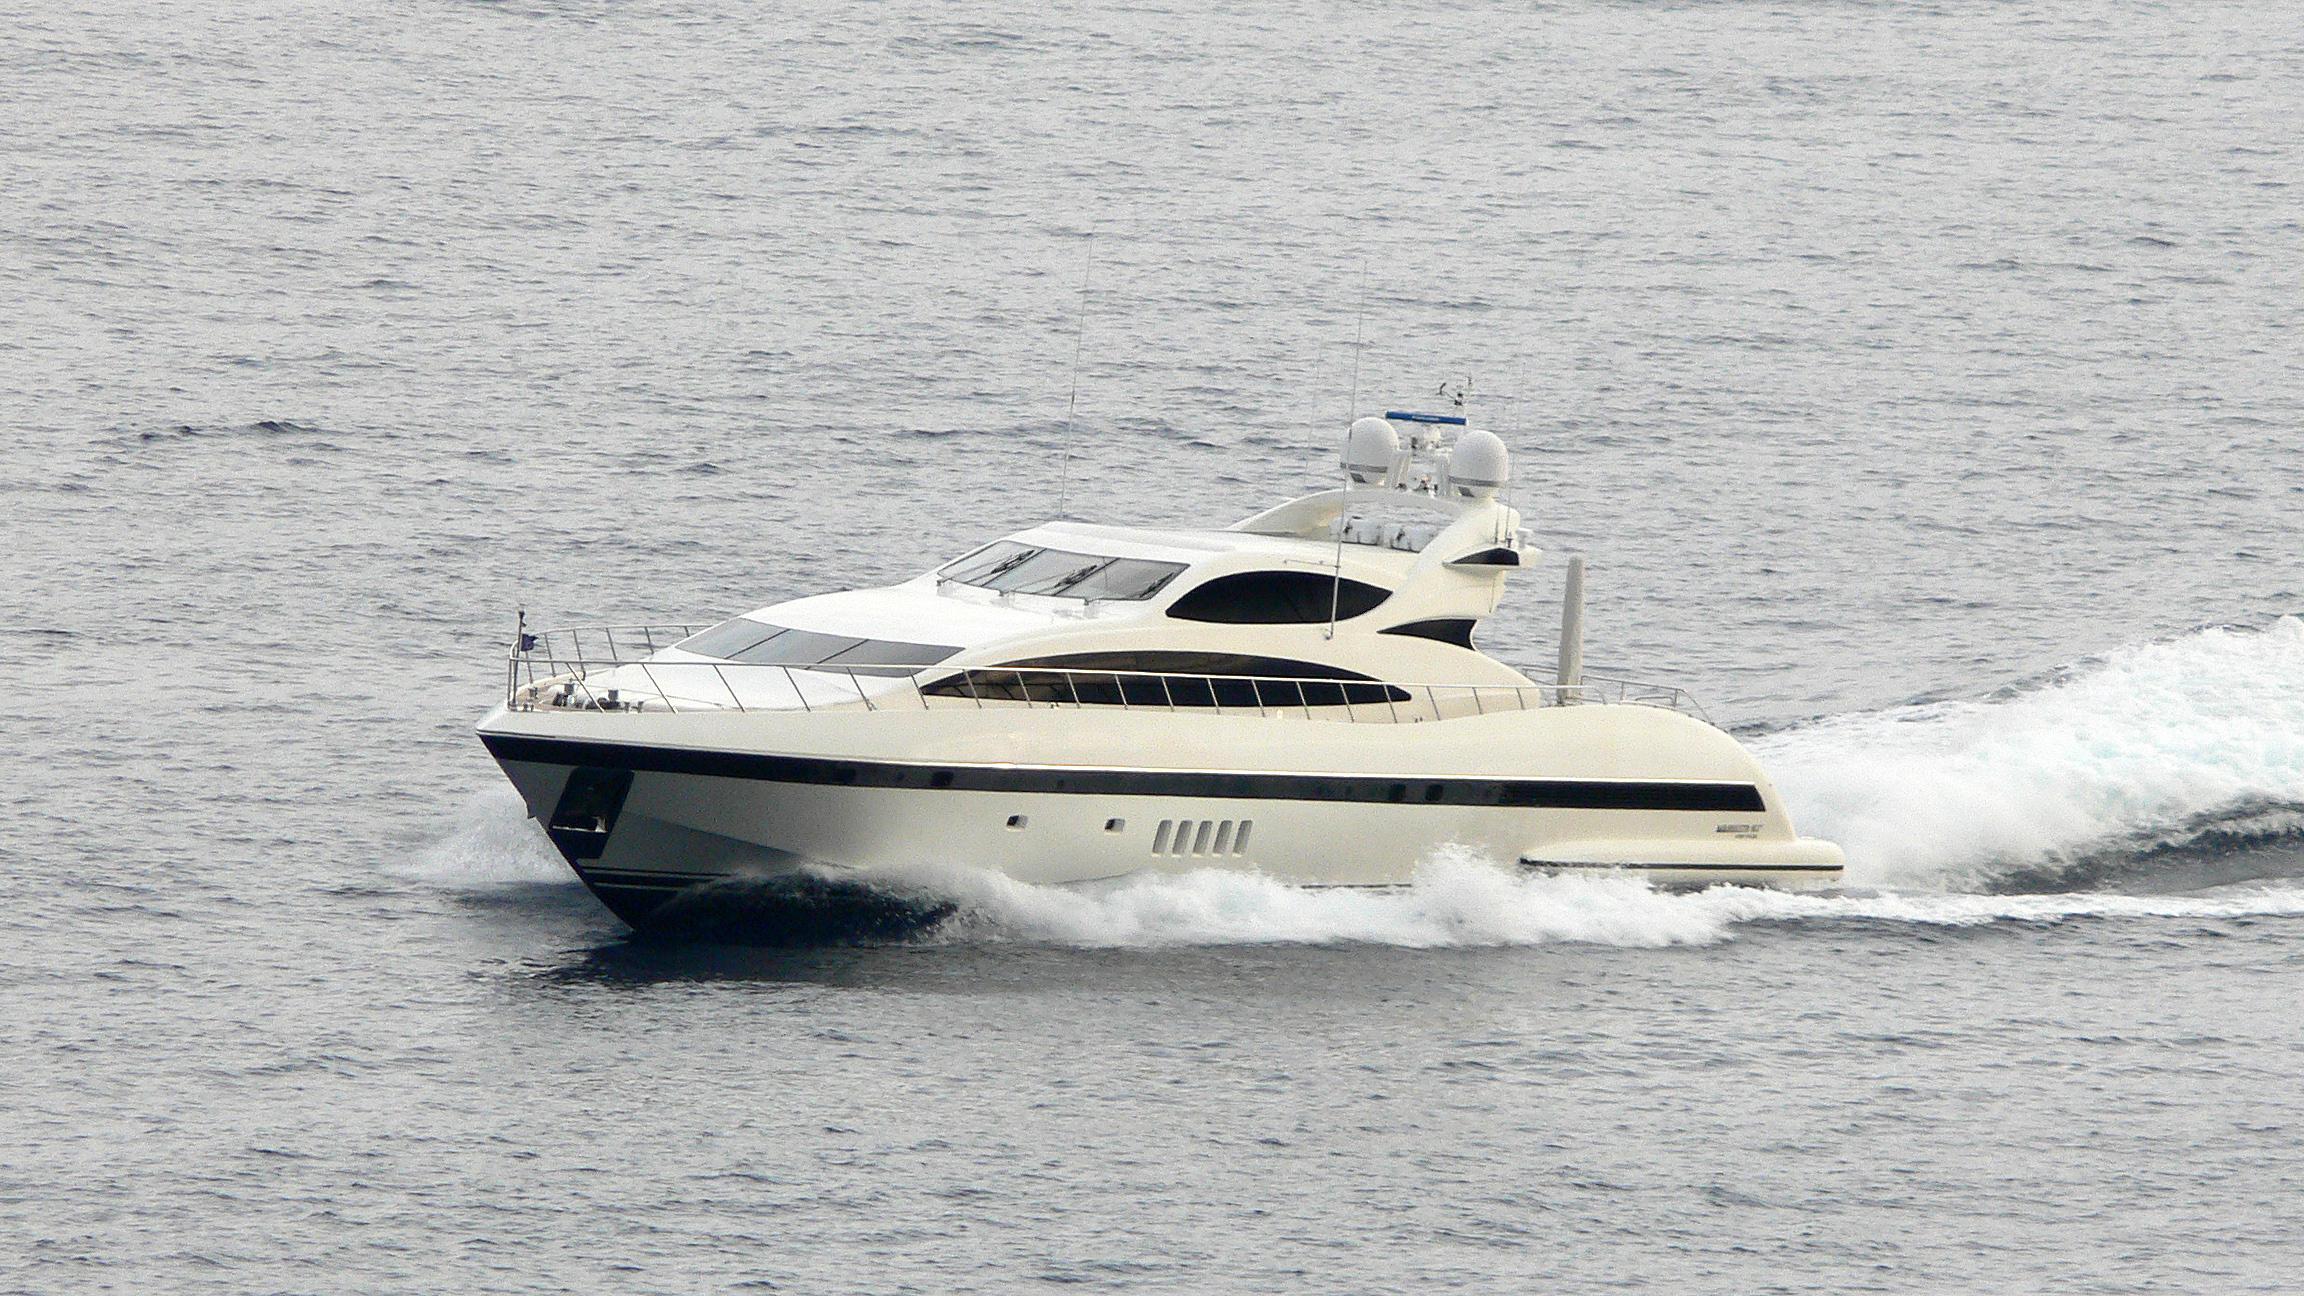 negara-motor-yacht-overmarine-omangusta-107-sport-cruising-half-profile